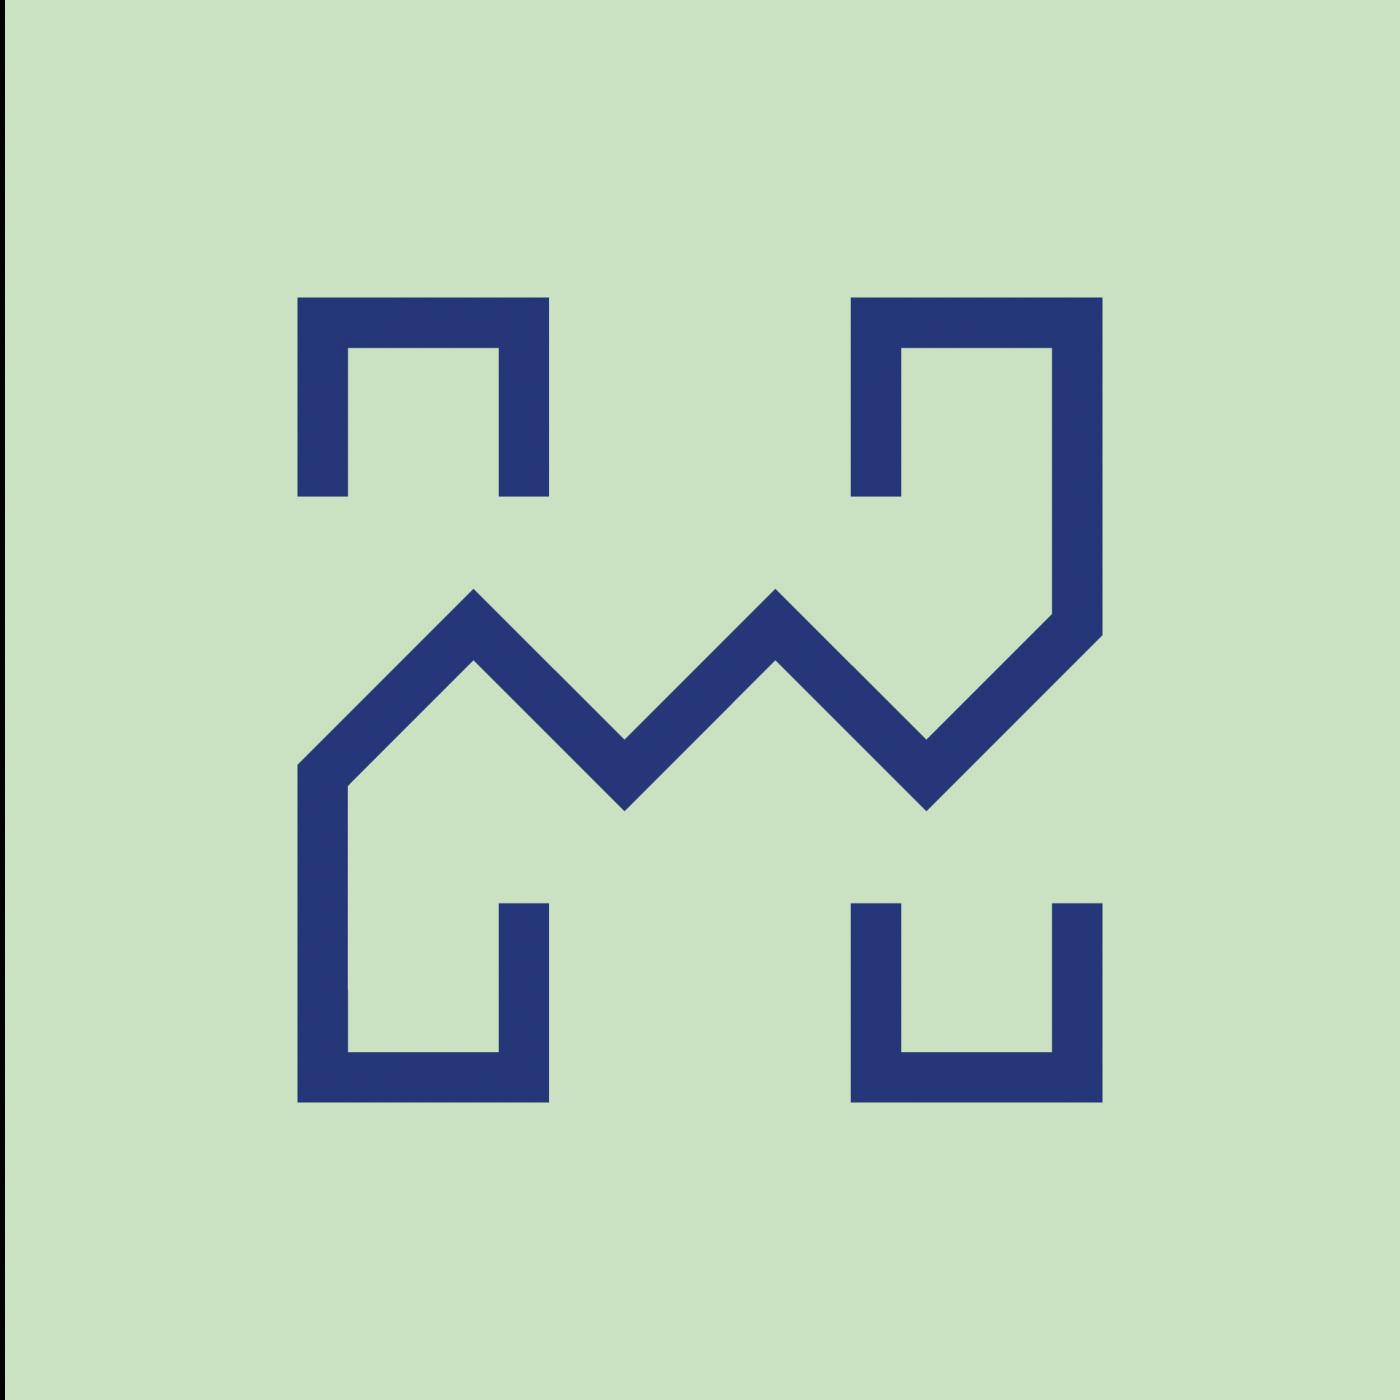 Hukot symbol